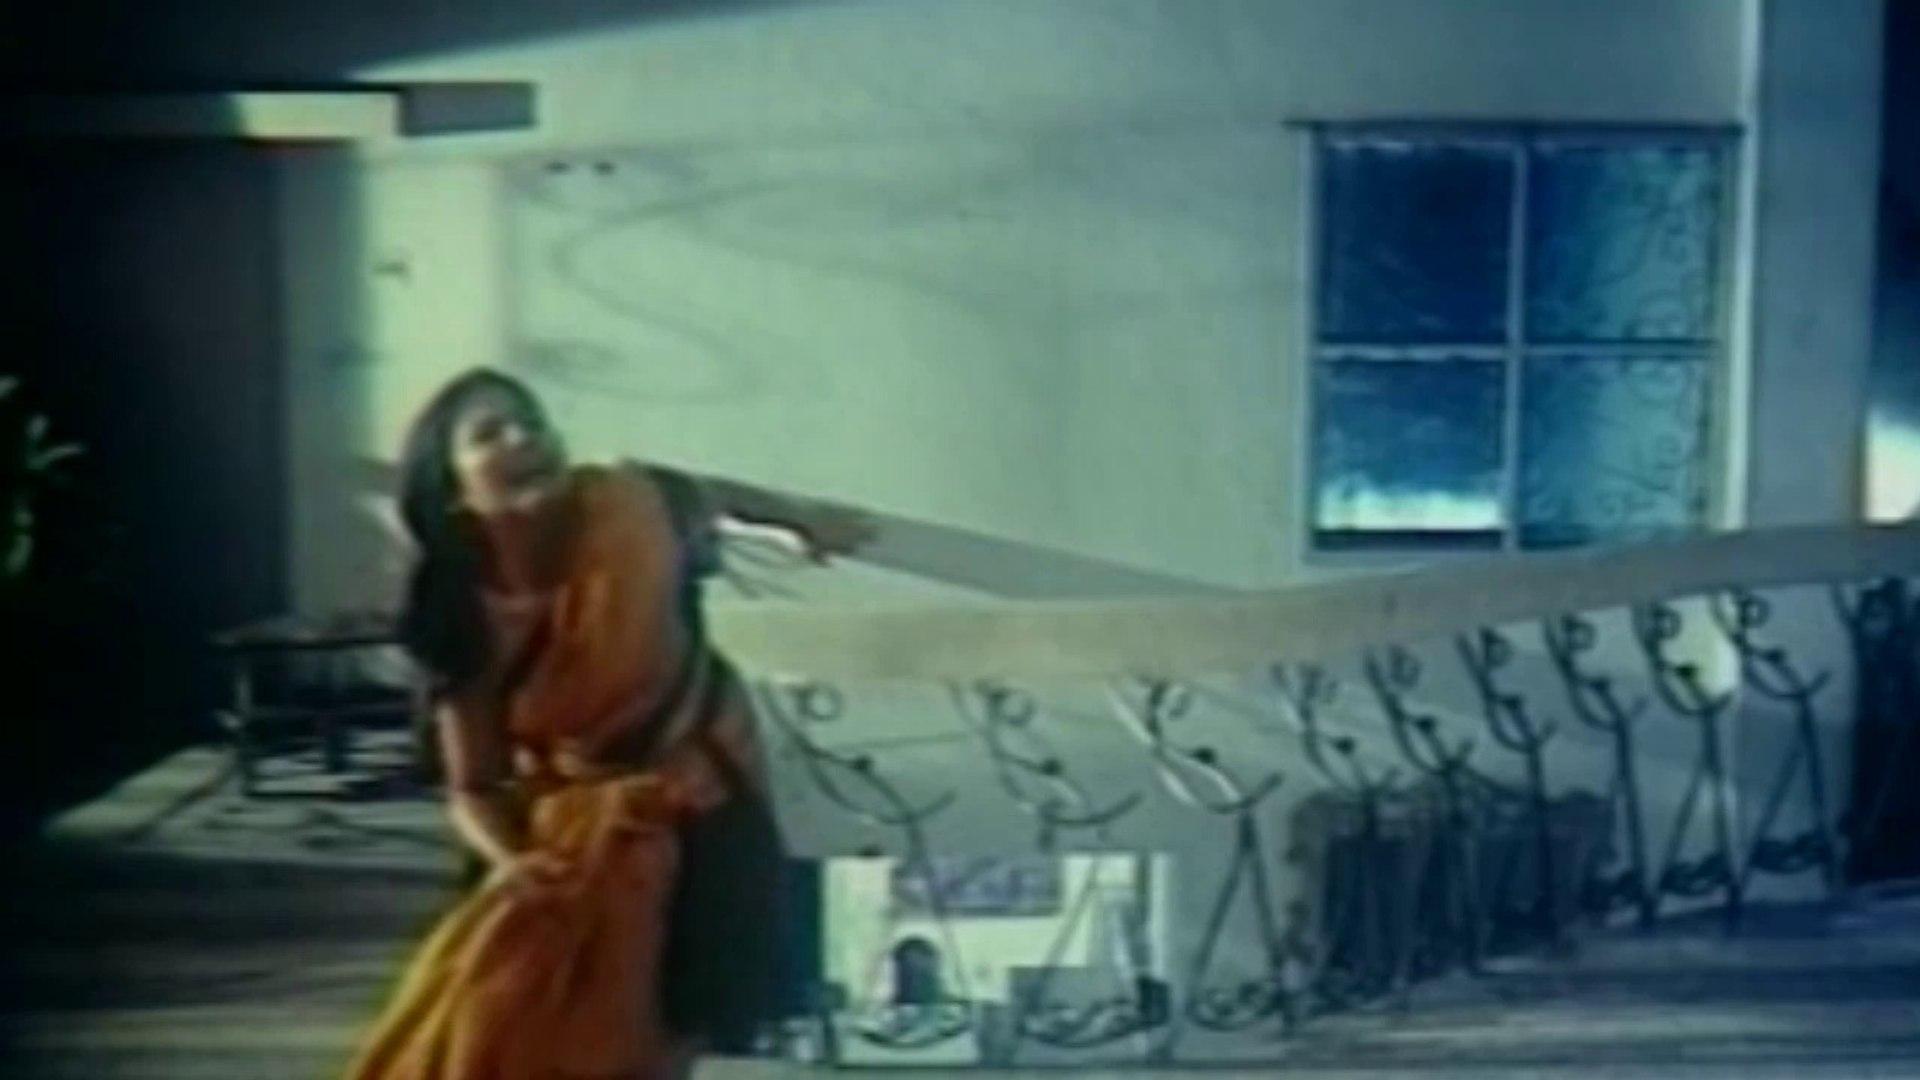 BHOOT HI BHOOT | FULL HINDI MOVIE | PART 8 OF 10 | HOT HINDI MOVIES |  POPULAR HOT FILMS